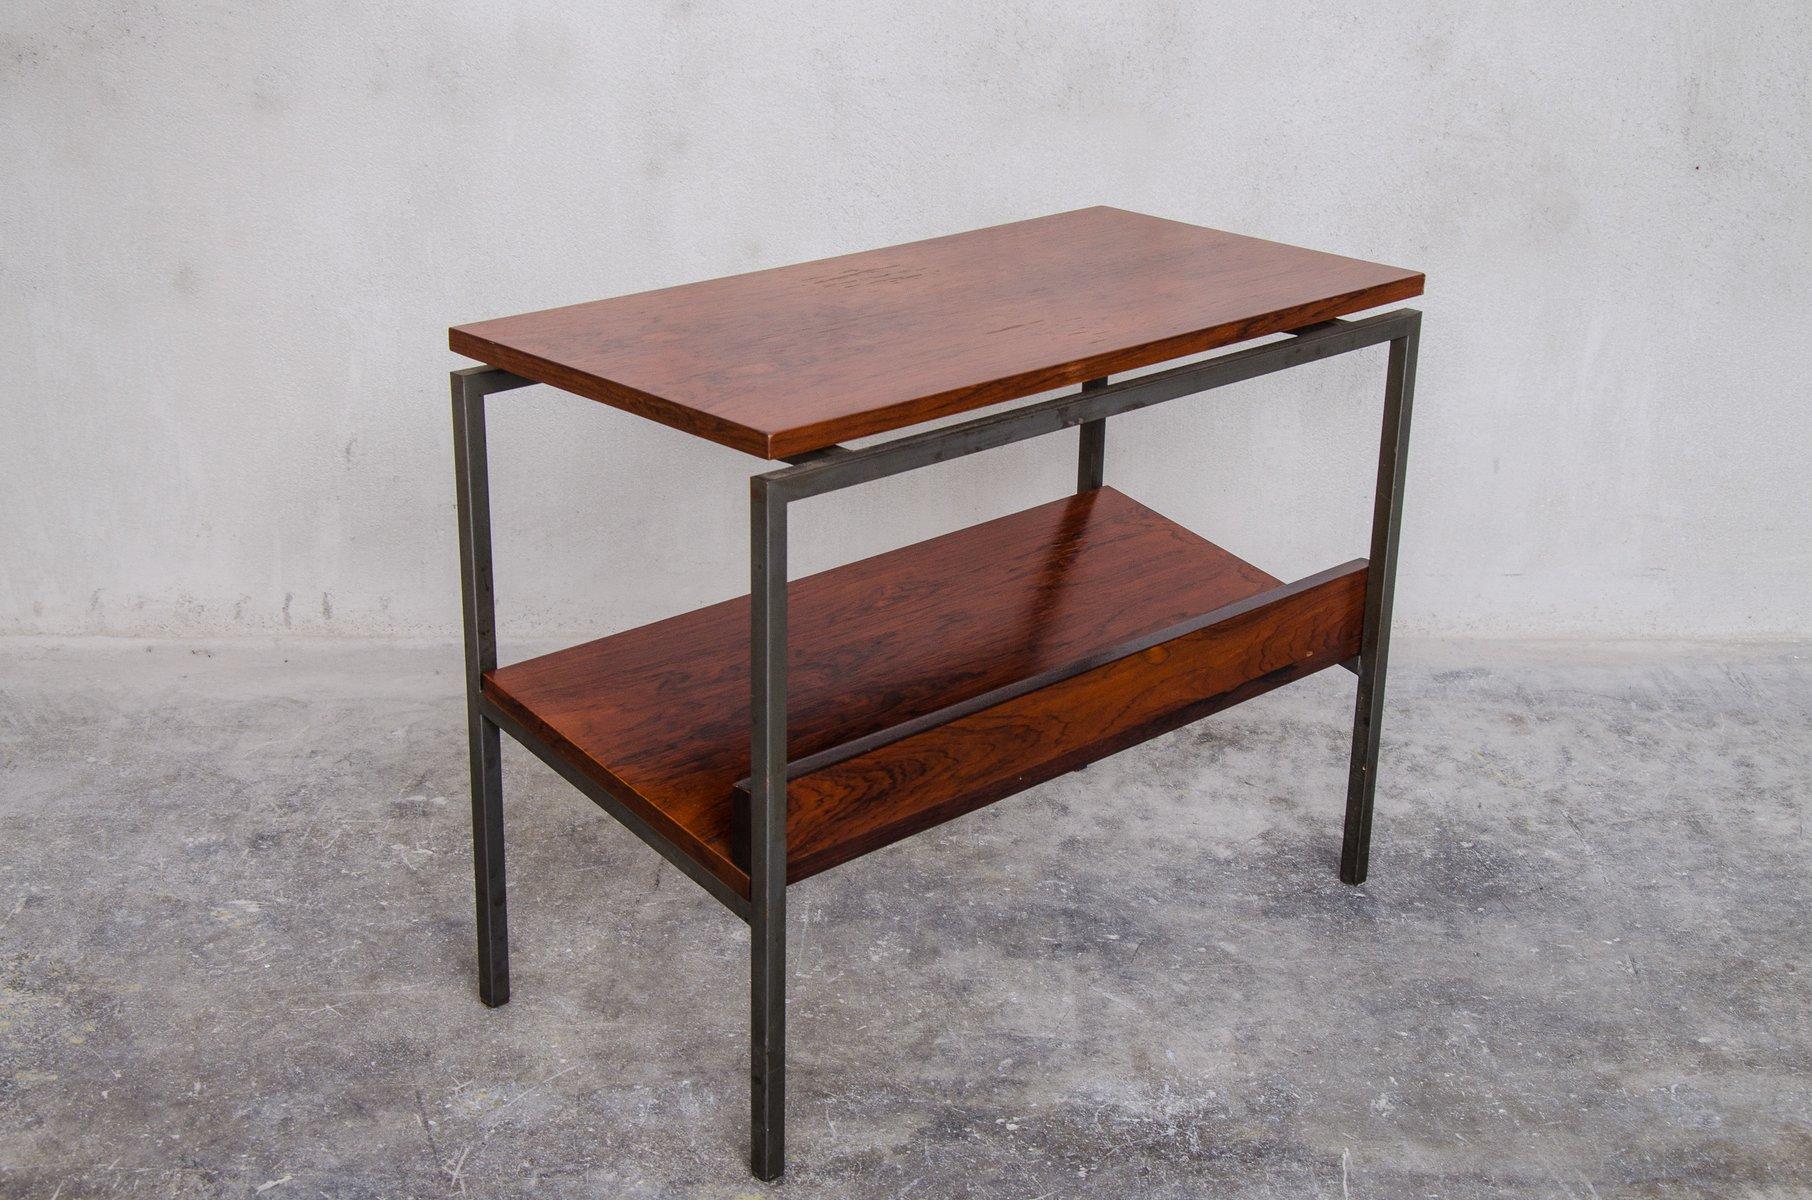 d nischer palisander beistelltisch mit zeitungsst nder 1960er bei pamono kaufen. Black Bedroom Furniture Sets. Home Design Ideas